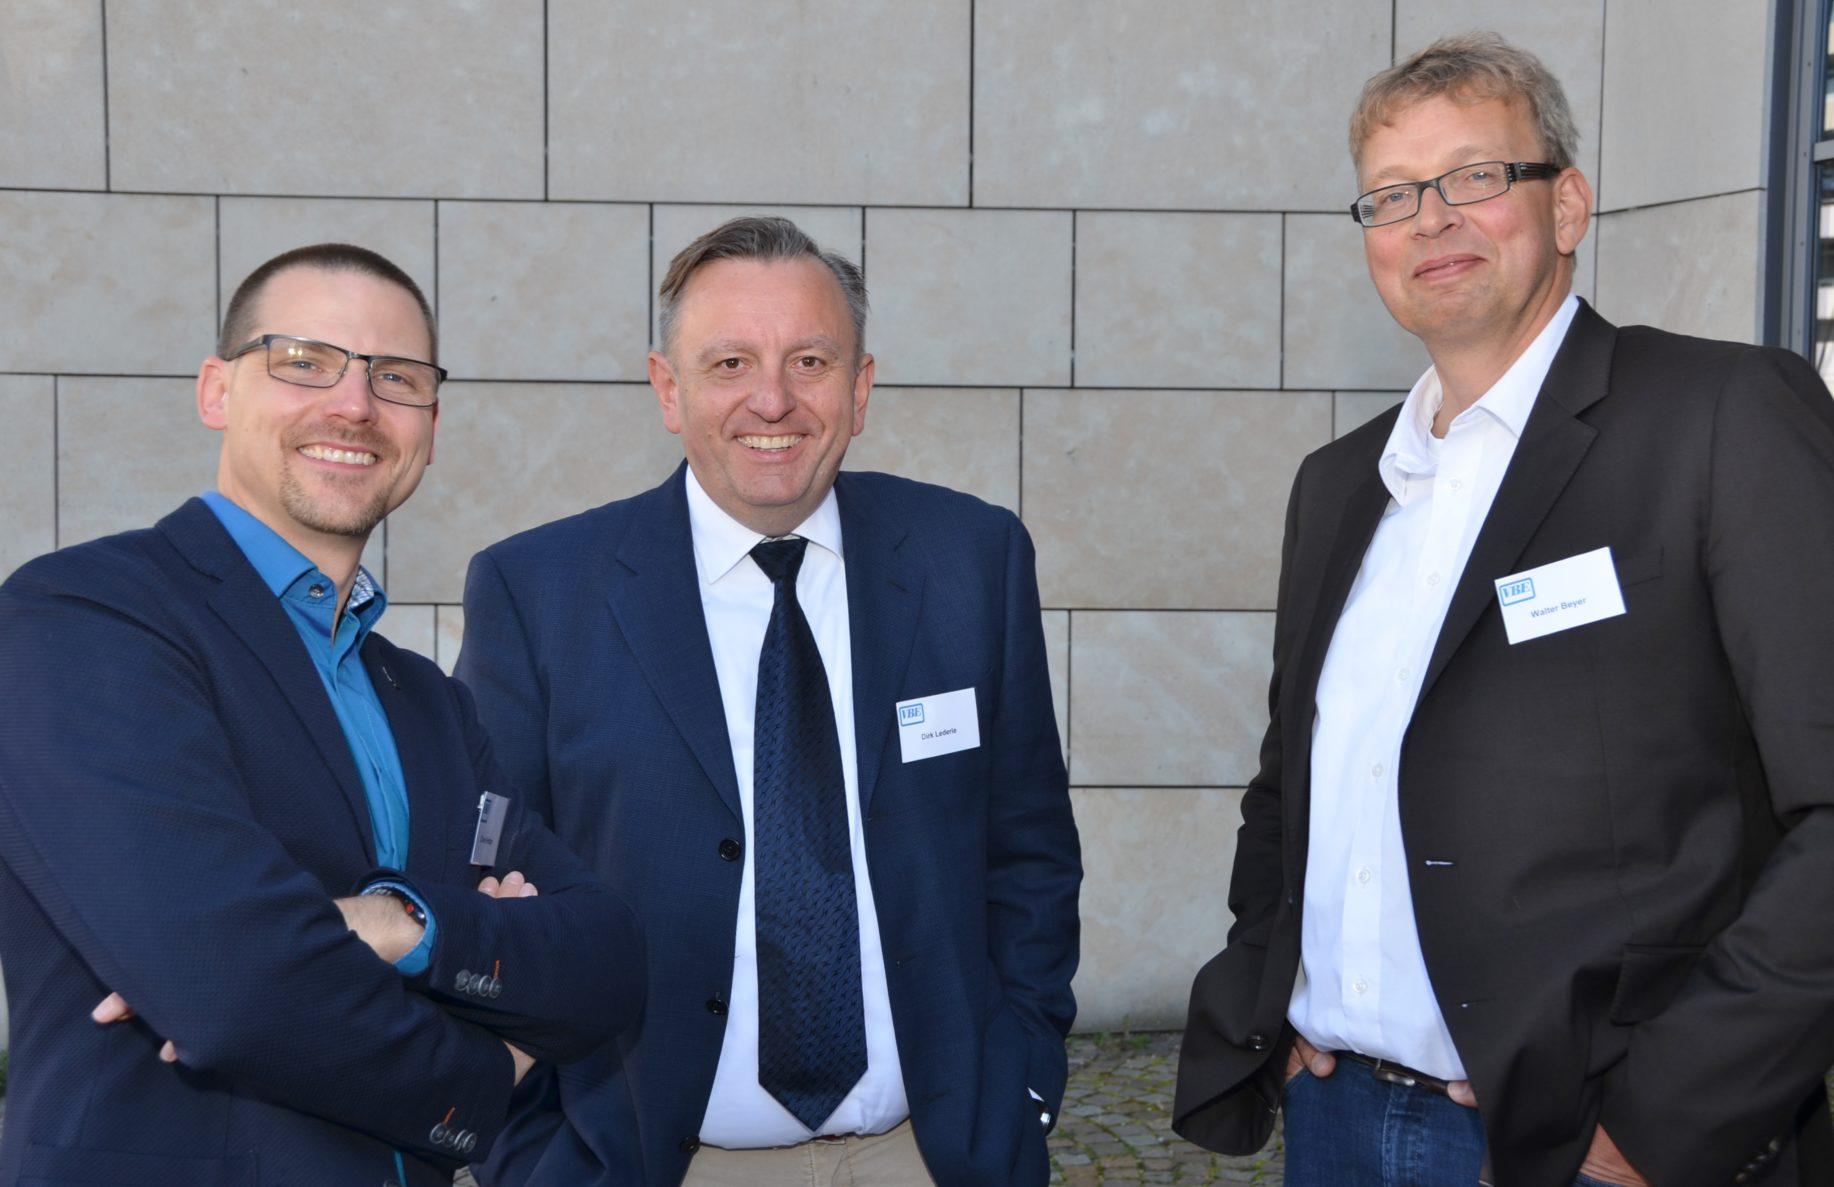 Die neuen stellvertretenden Landesvorsitzenden v.l.: Hintzen, Lederle und Beyer